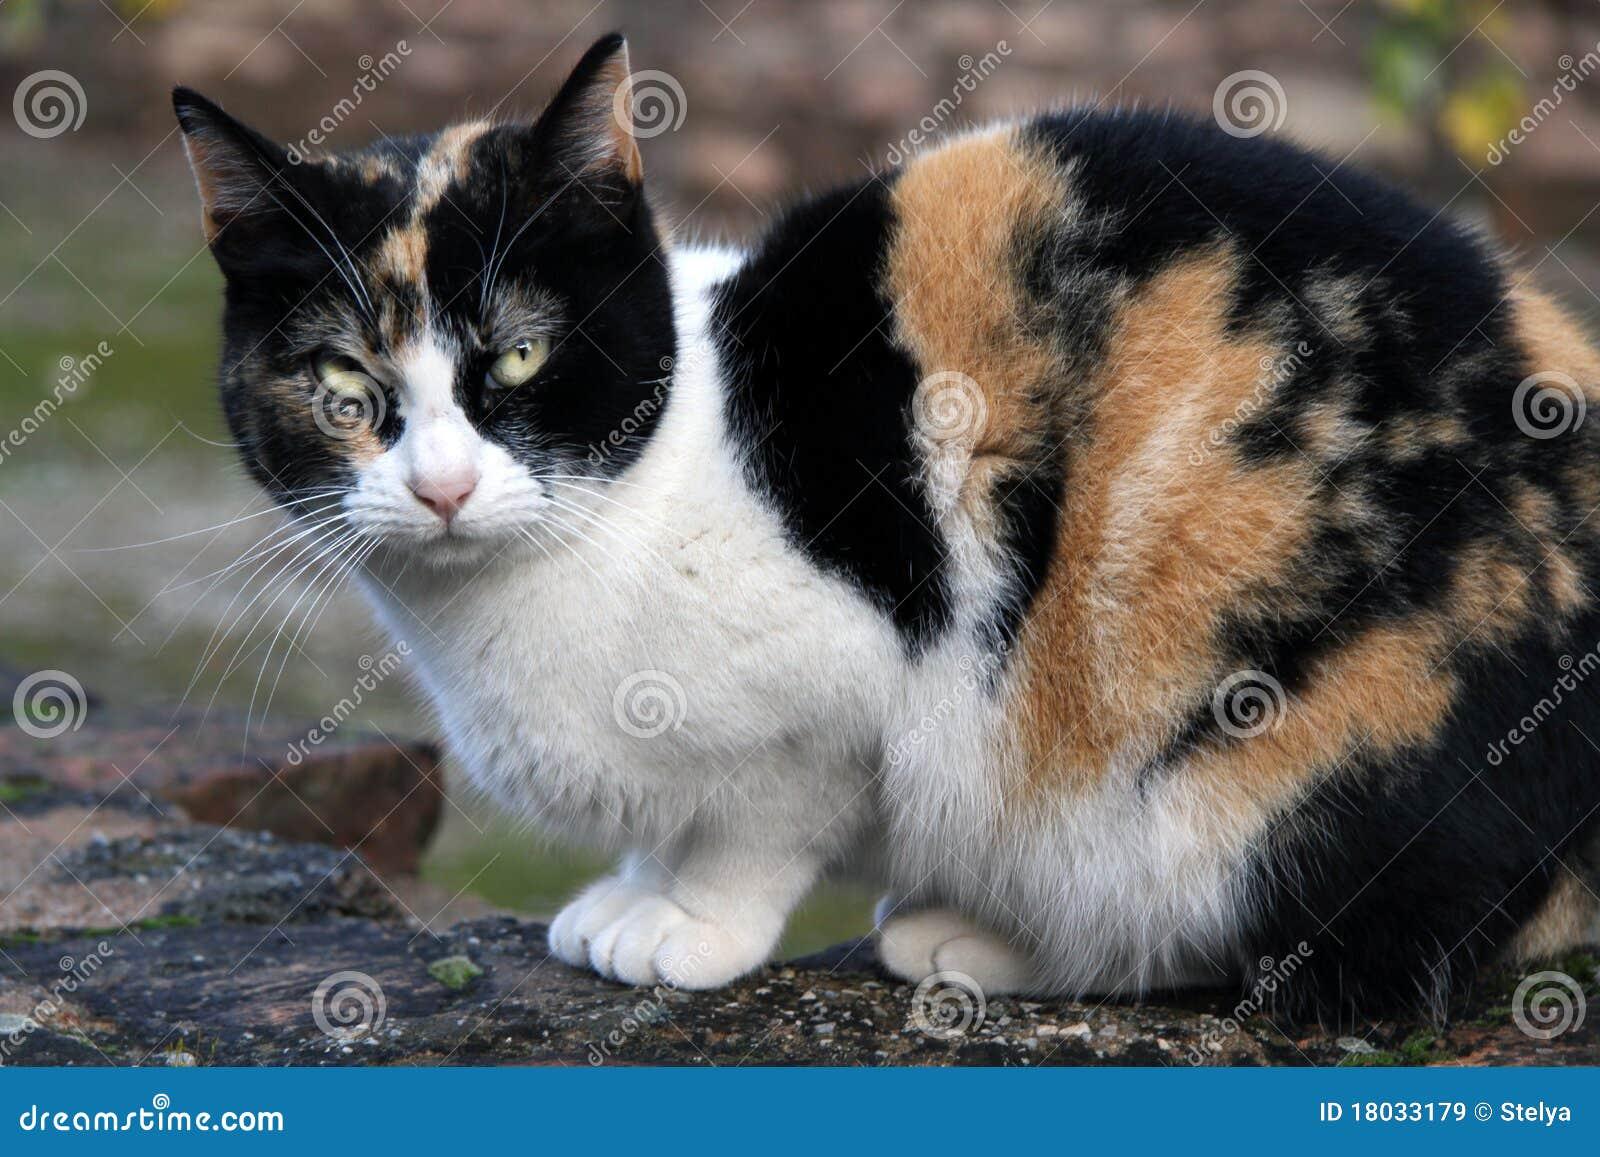 Black Calico Cat Calico Cat